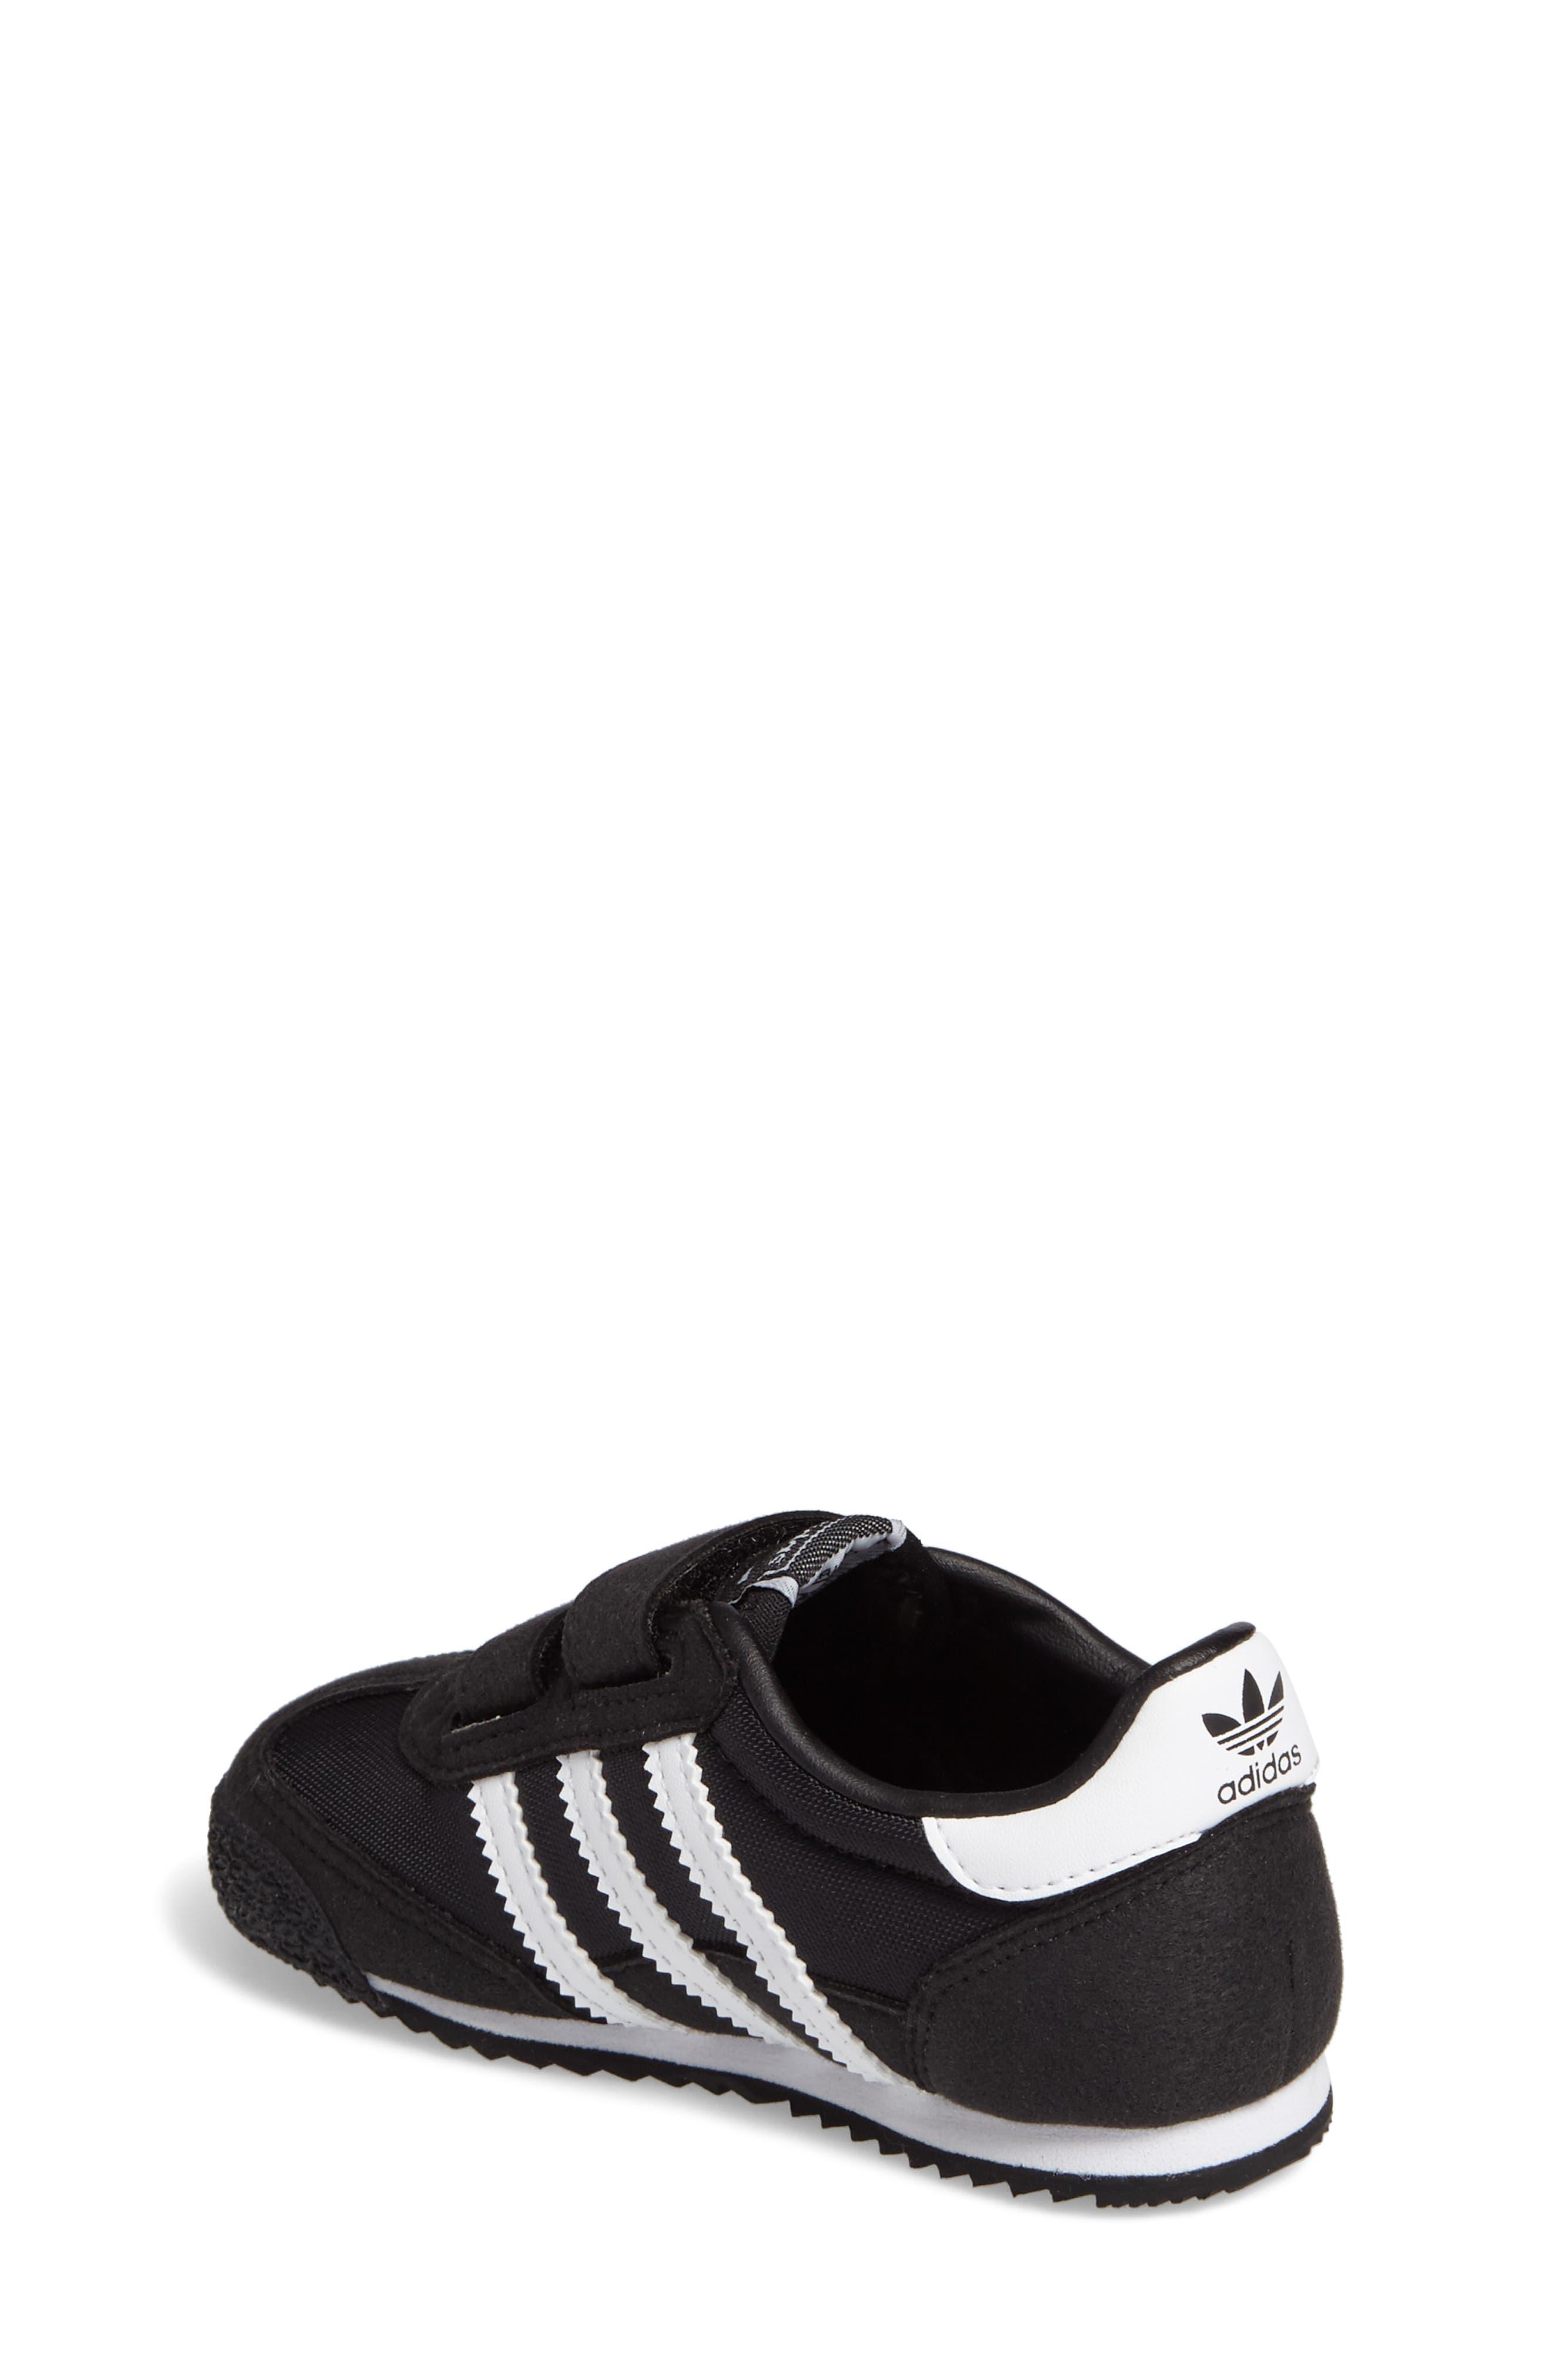 Alternate Image 2  - adidas Dragon OG CF Athletic Shoe (Baby, Walker & Toddler)